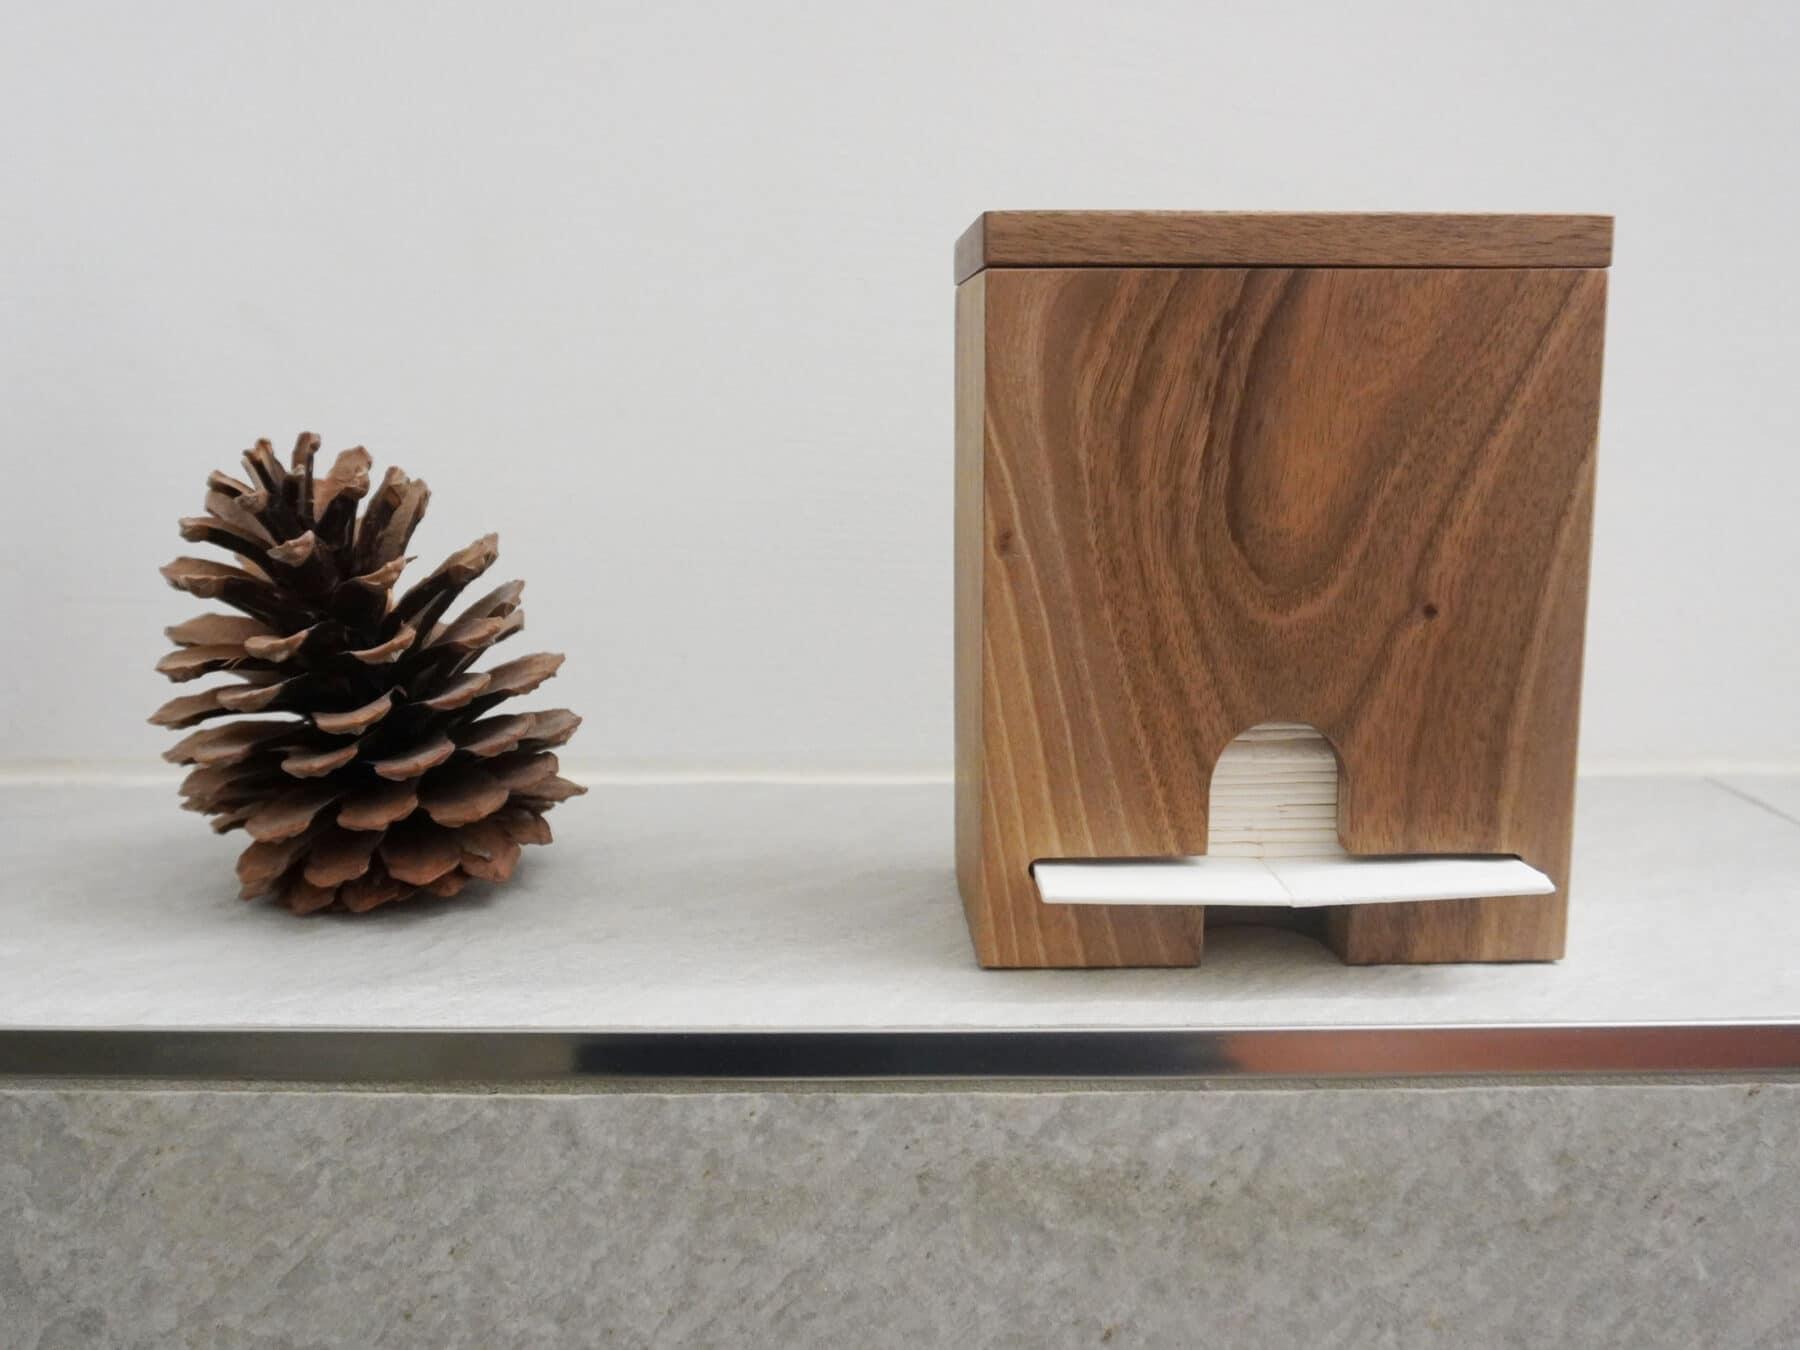 Edler Taschentuchhalter aus Schweizer Nussbaumholz - jetzt bei KURTS.ch